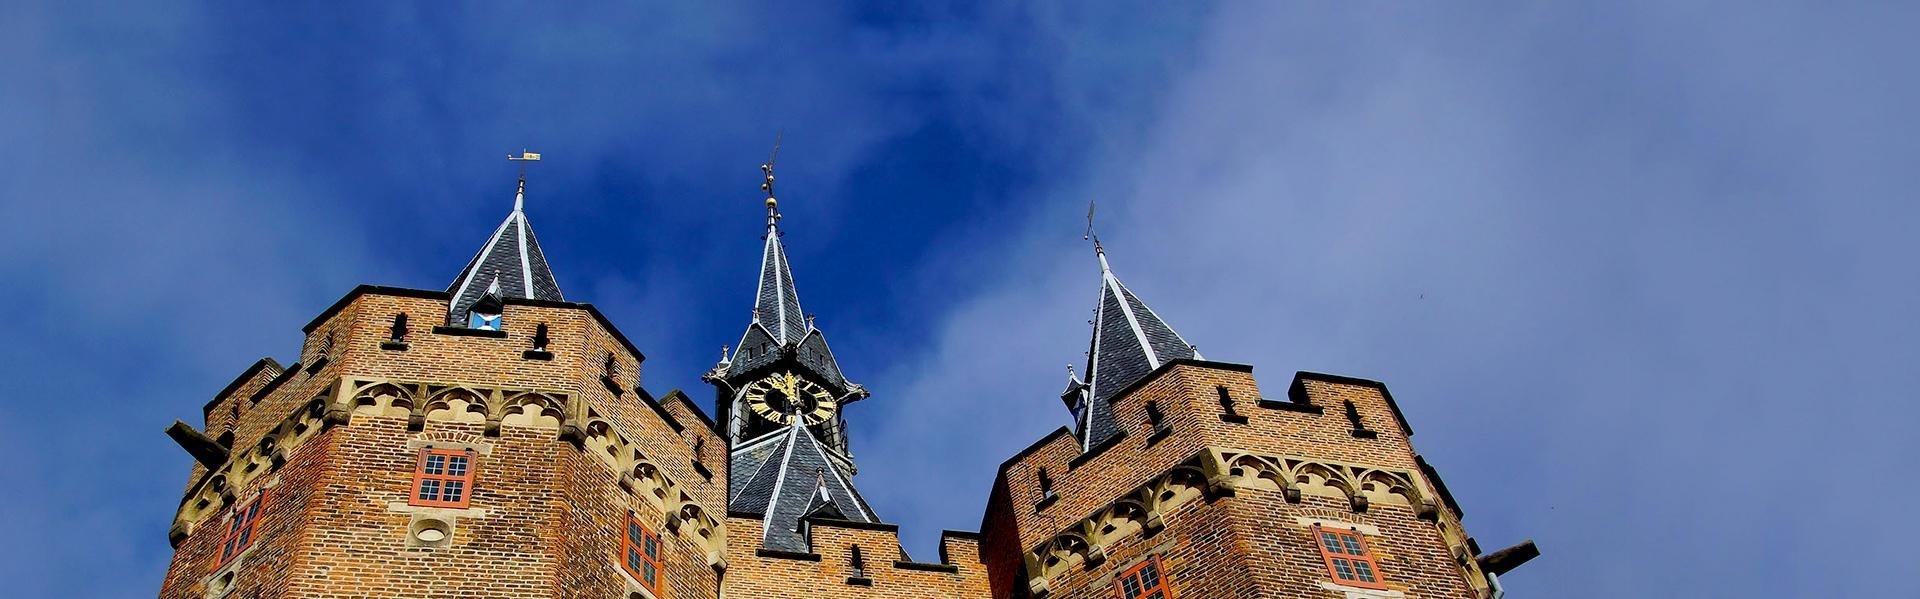 Sassenpoort in Zwolle, Nederland